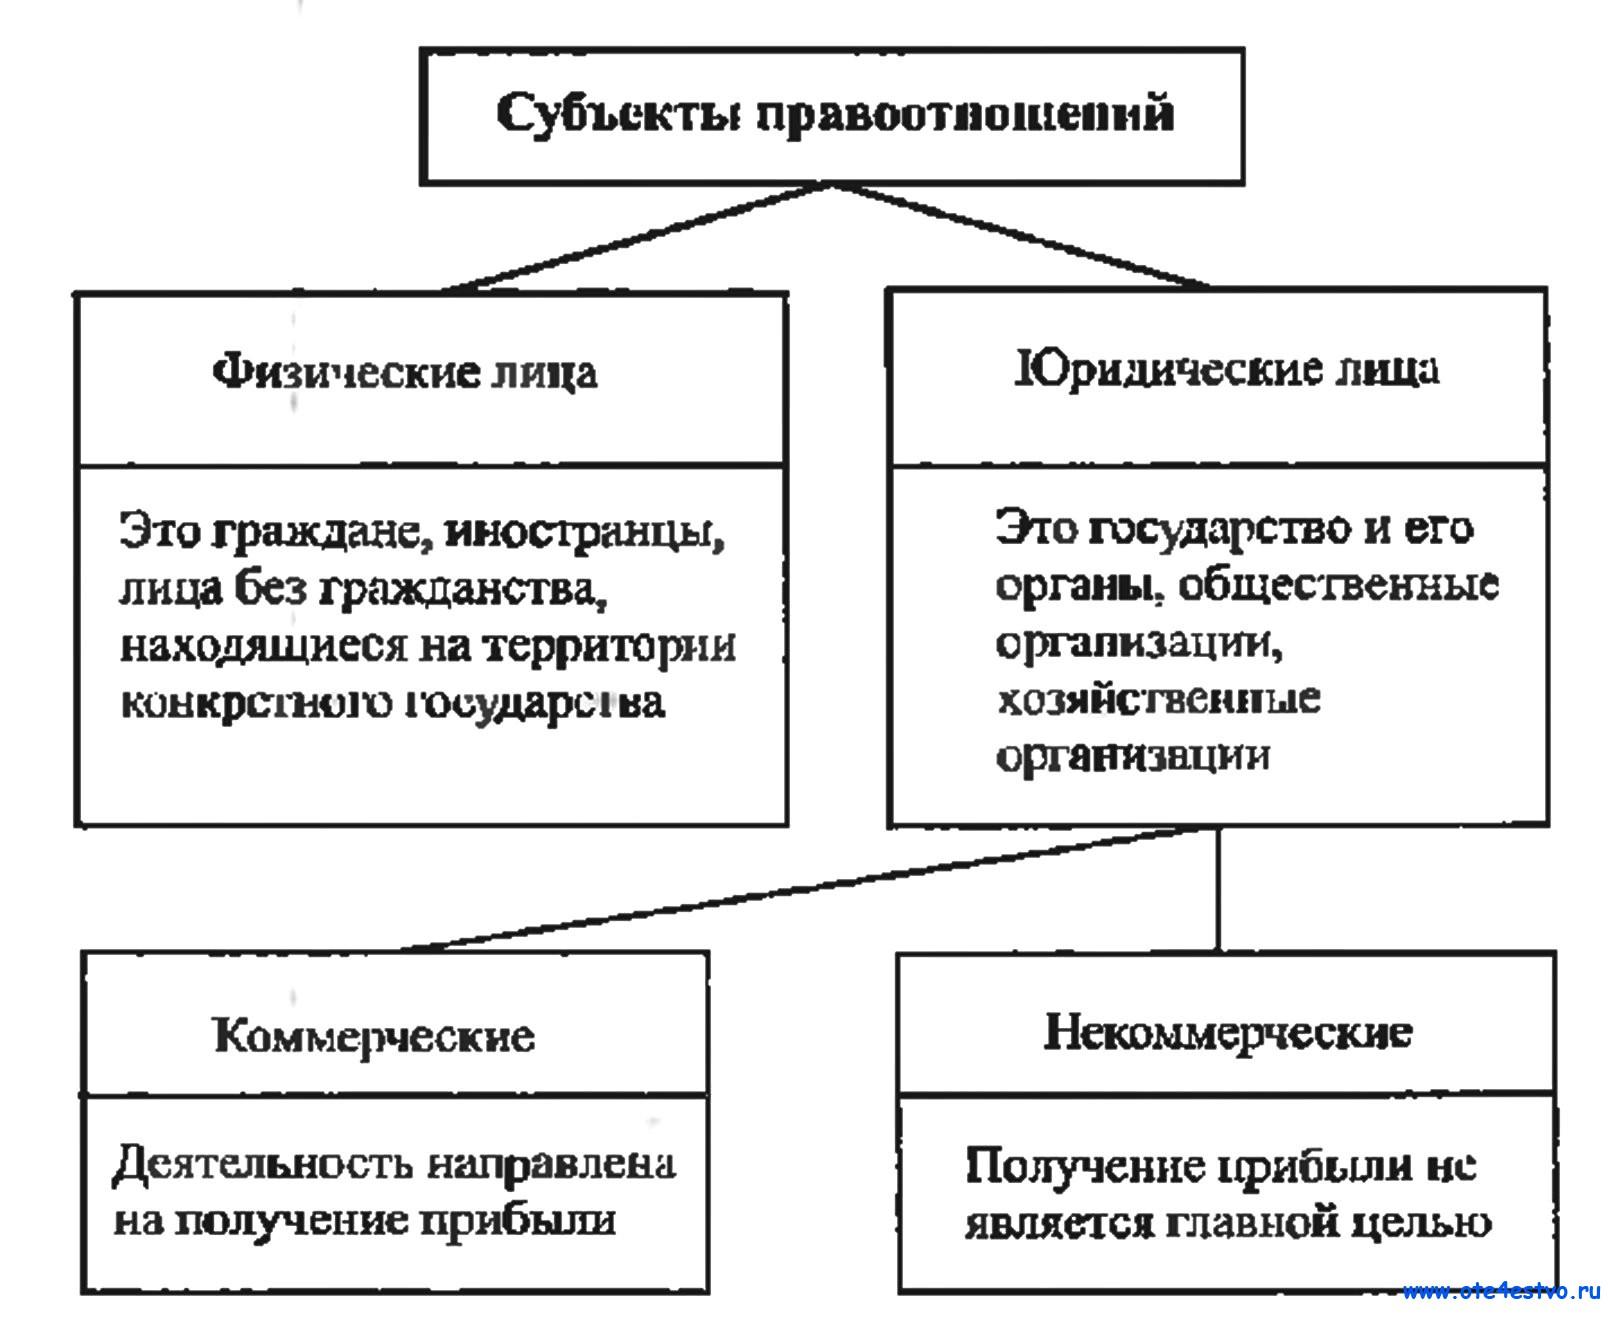 Государственный служащий понятие виды и общая характеристика административно-правового статуса